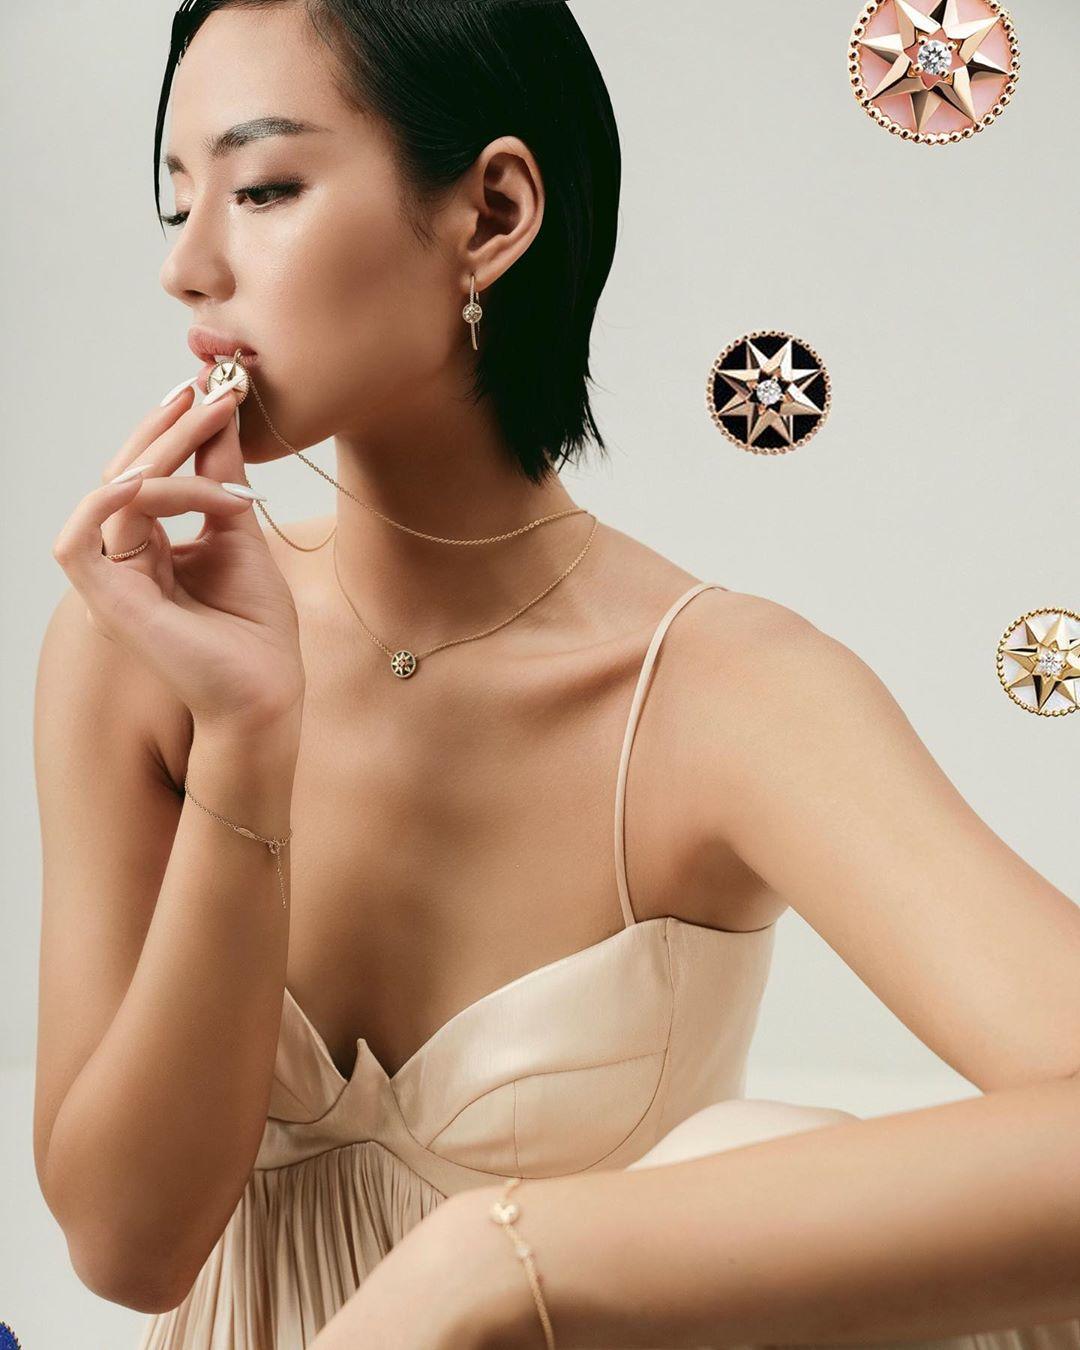 Khánh Linh tỏa sáng như một vì sao trong trang sức Dior Rose des Vents